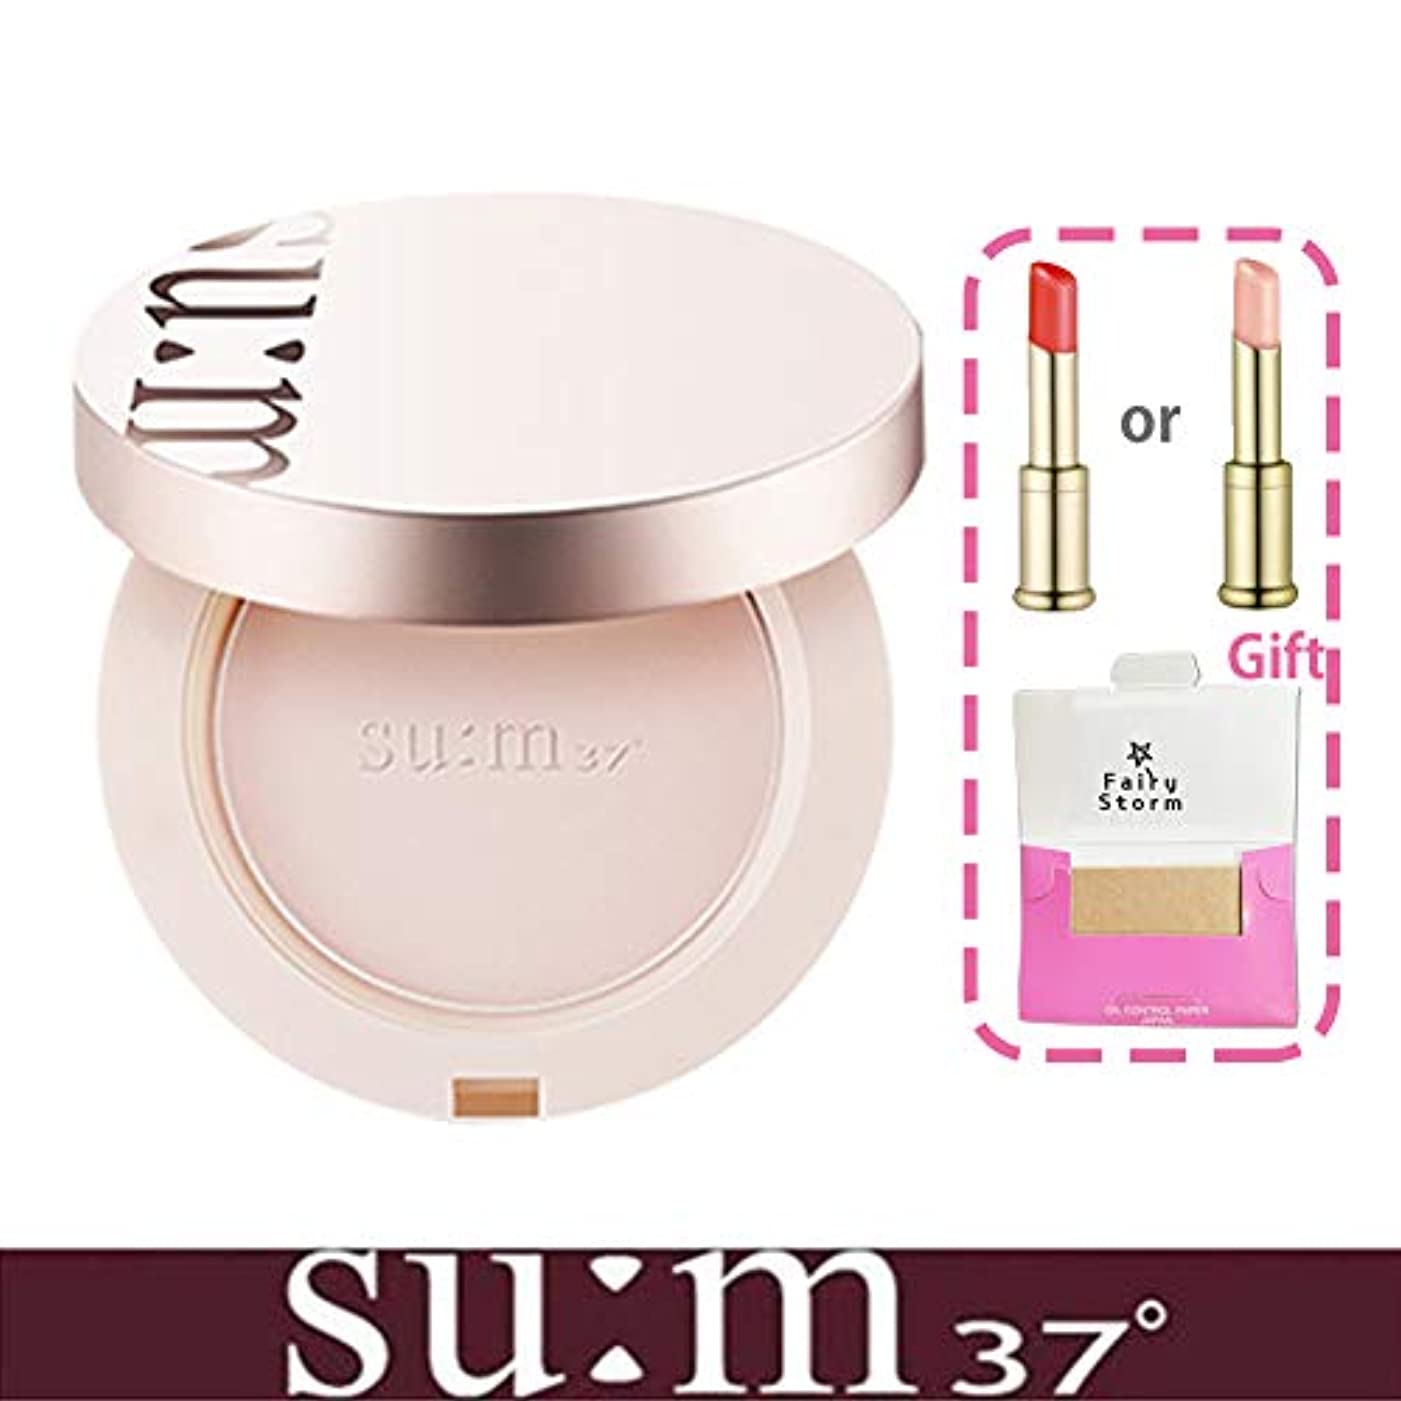 説教するボーダーライラック[su:m37/スム37°] Sun-away Mild Tone-up Sun Pact SPF50+/PA++++/ライン - アウェイマイルドトンオプ線ファクト+[Sample Gift](海外直送品)